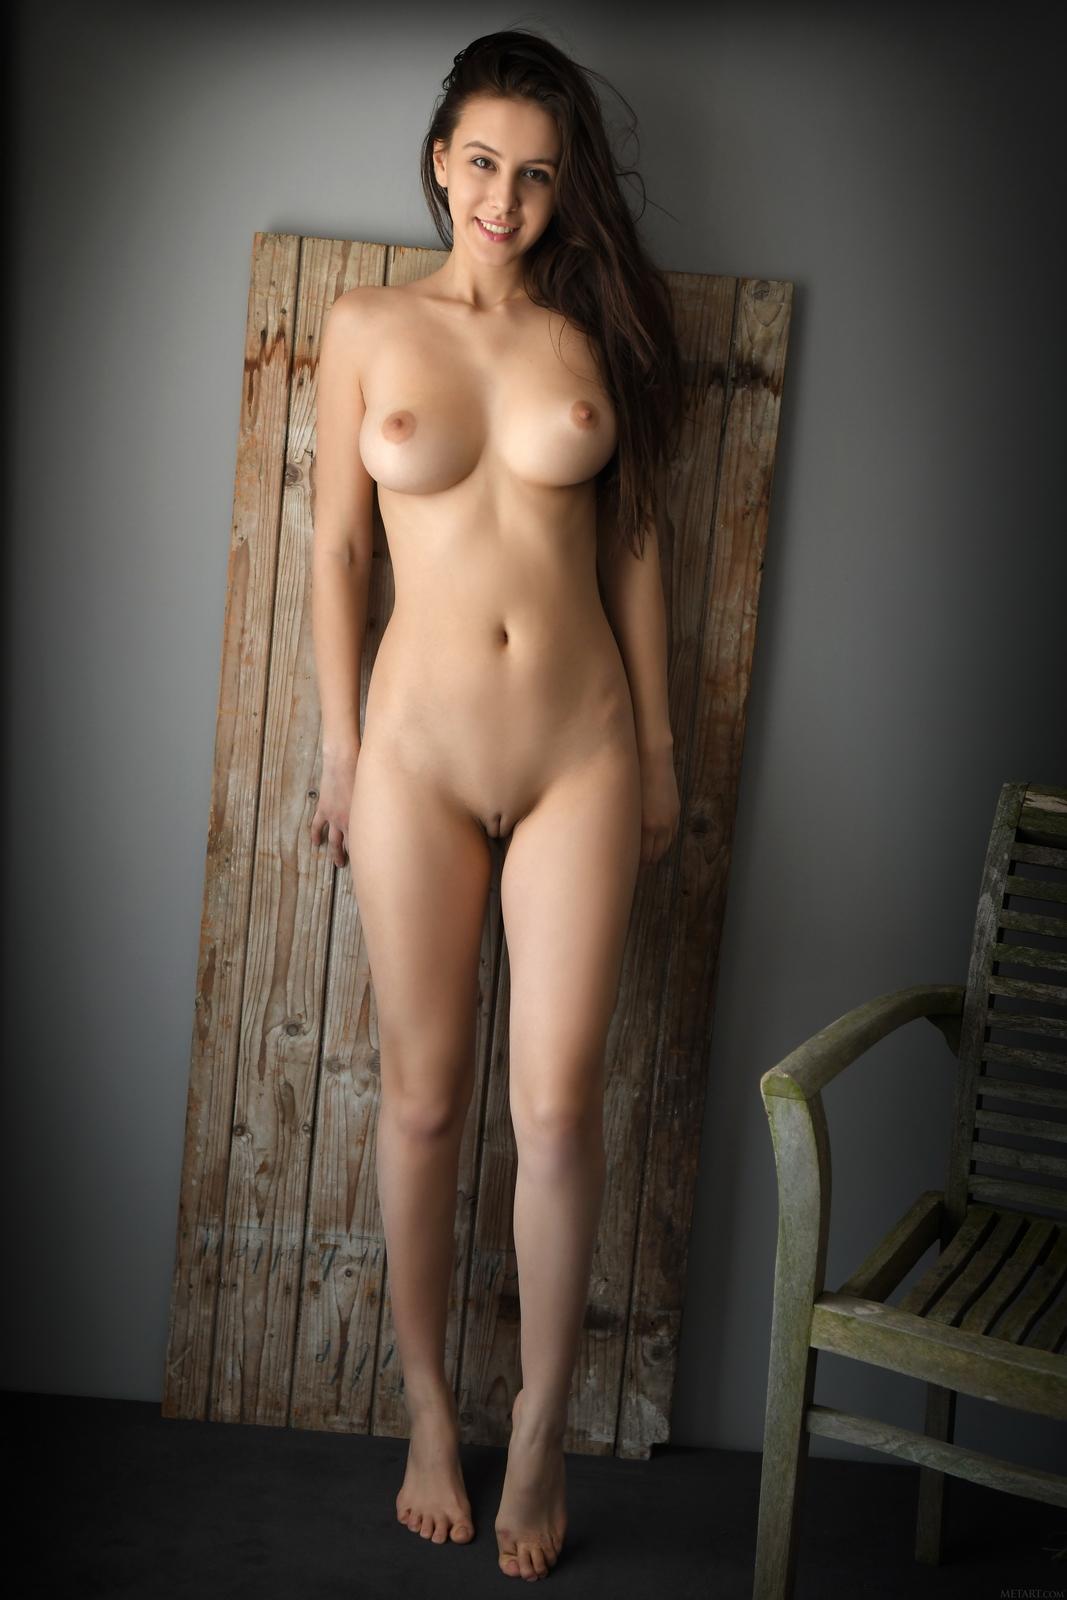 Naked tits pics